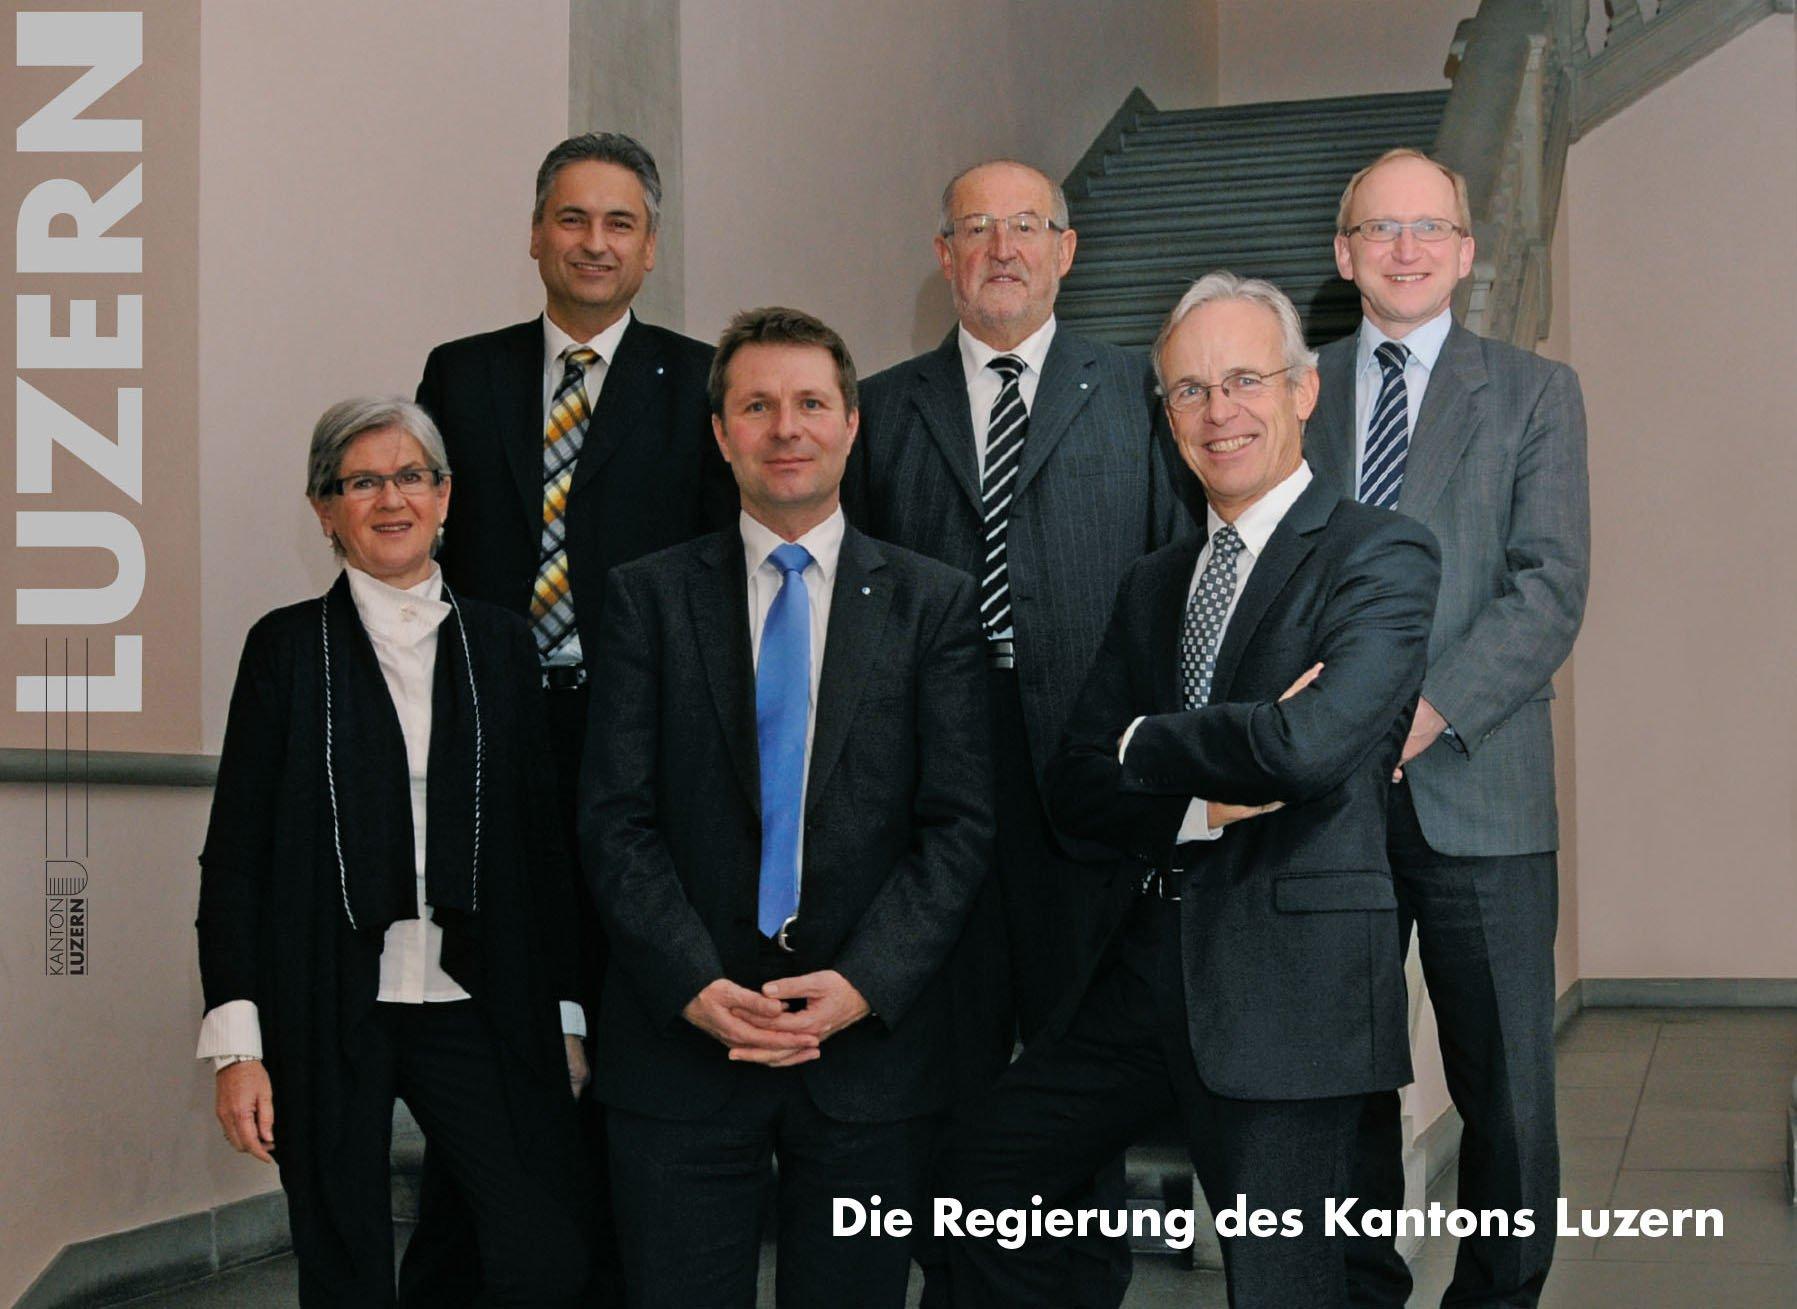 Foto 2011: (v.l.) Yvonne Schärli-Gerig (SP), Guido Graf (CVP), Marcel Schwerzmann (pl), Anton Schwingruber (CVP) und Max Pfister (FDP). Rechts Staatsschreiber Markus Hodel.